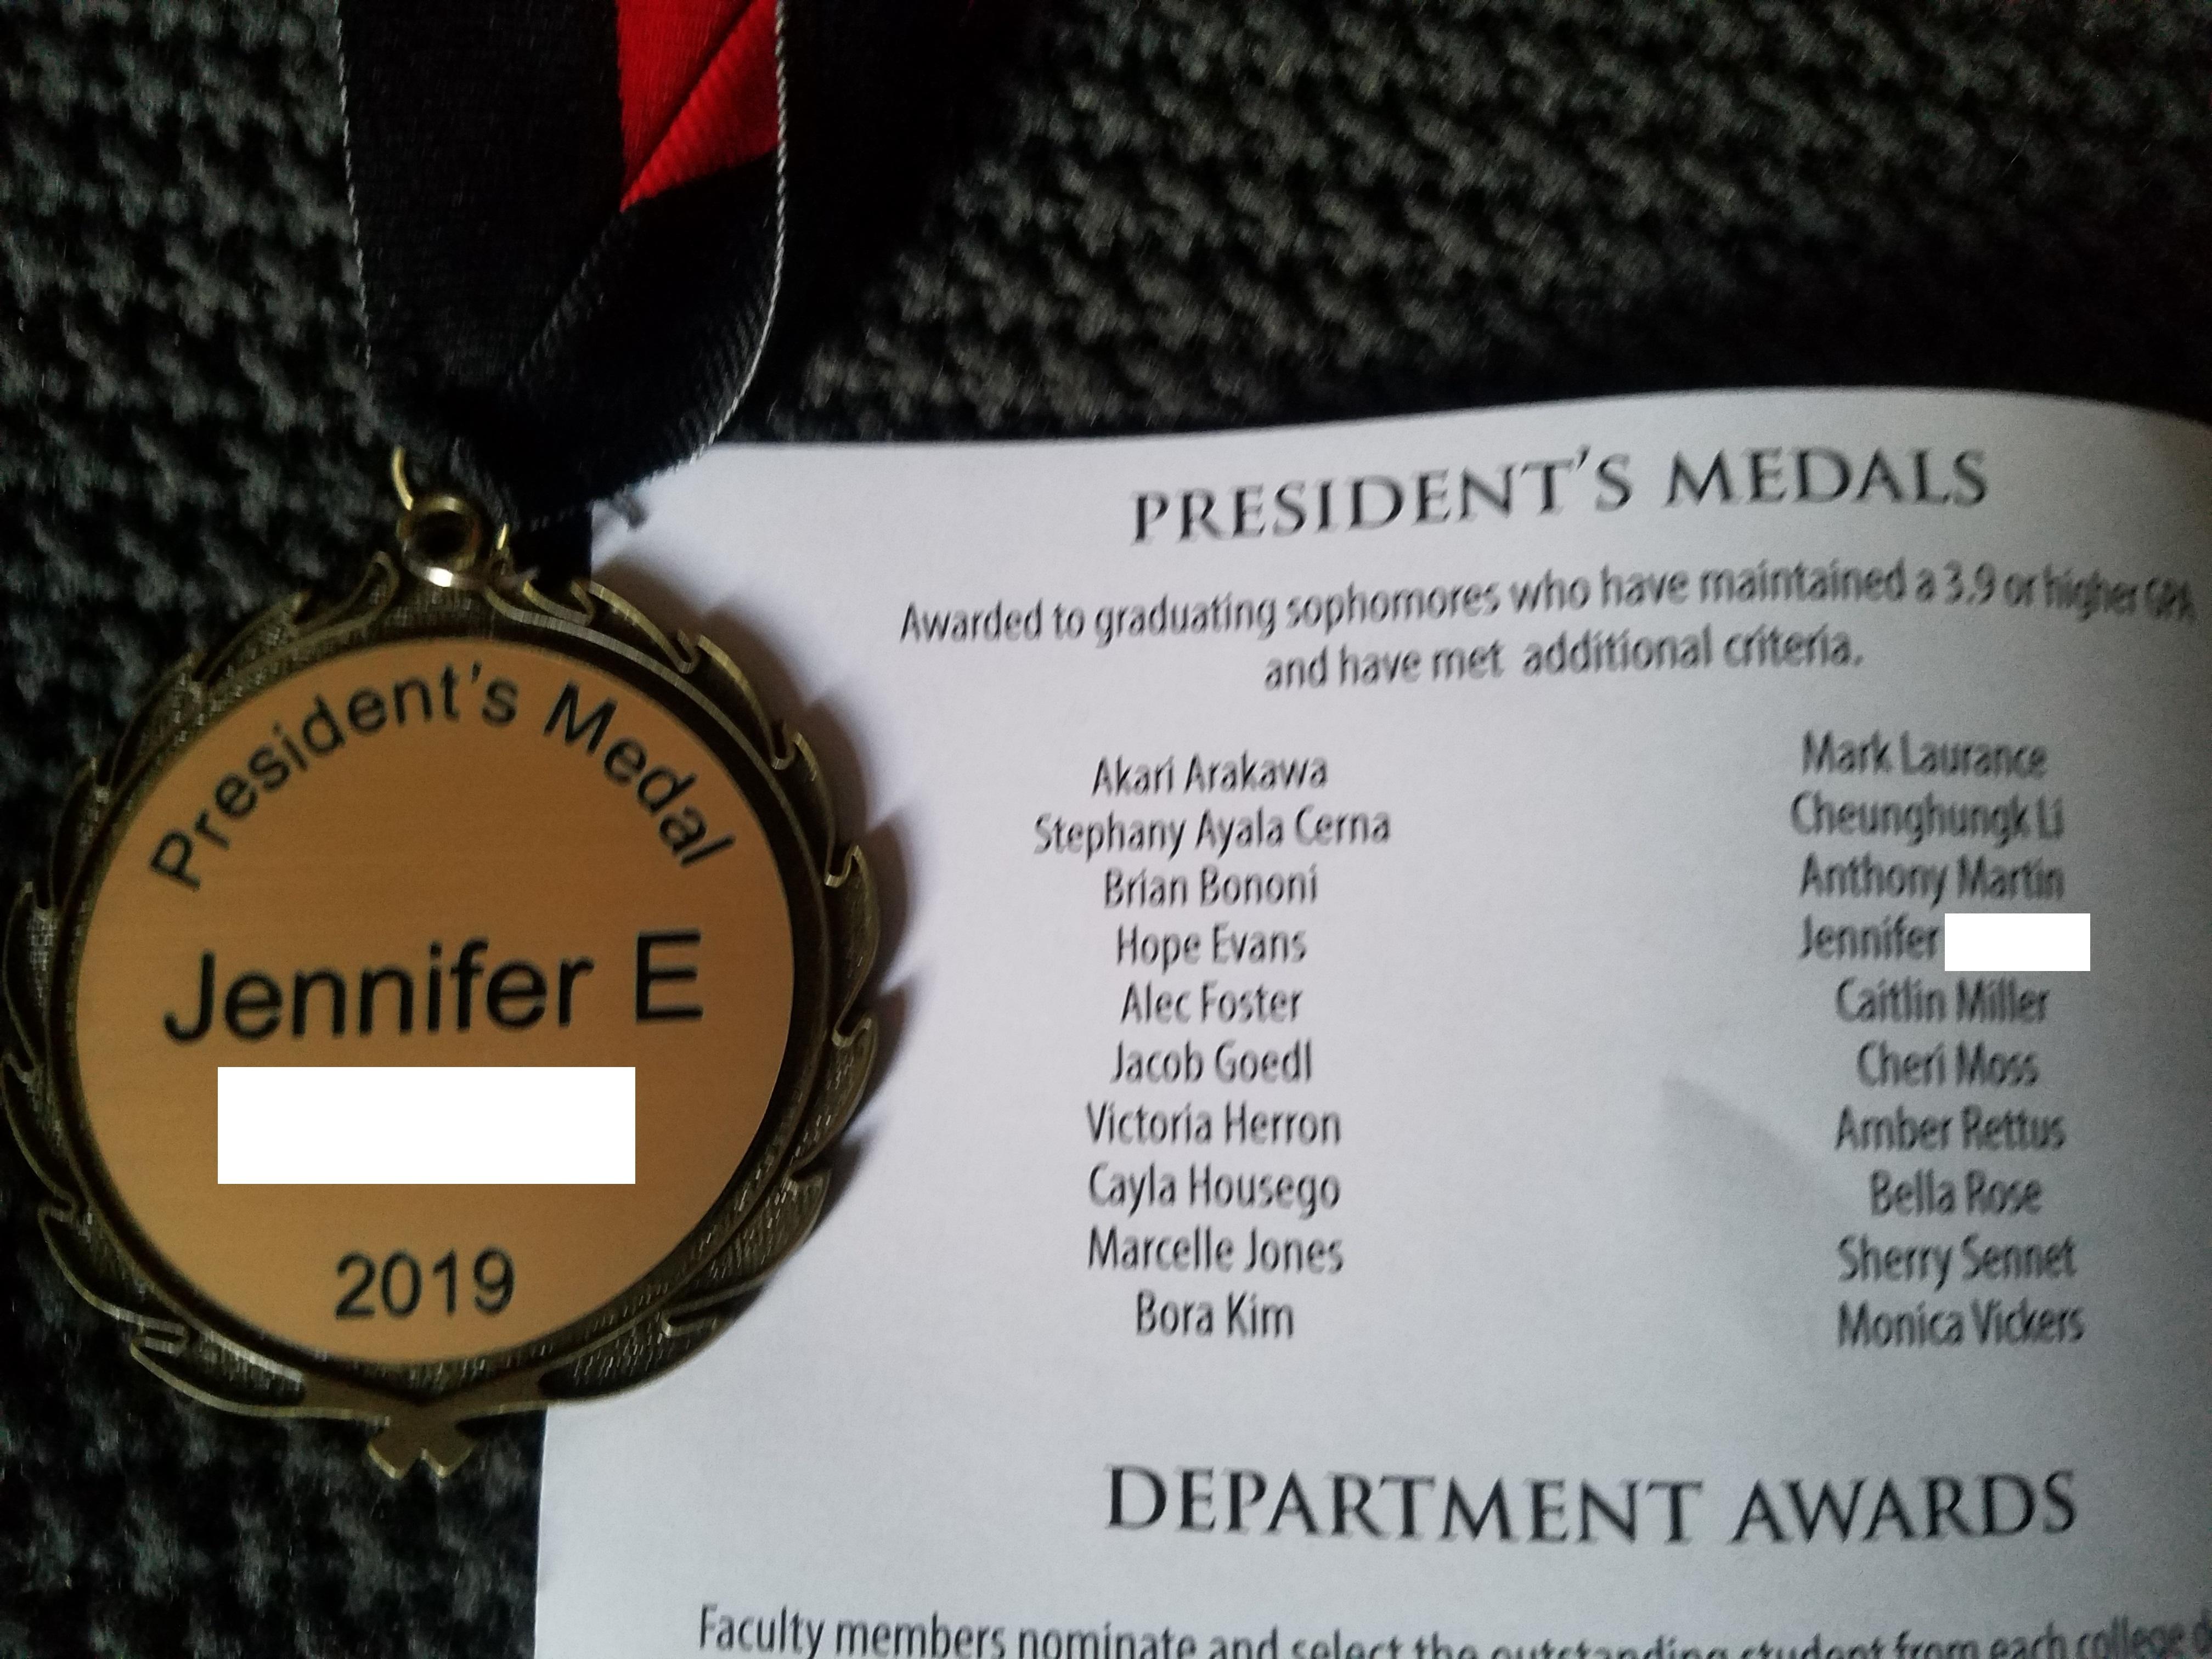 Redacted medal